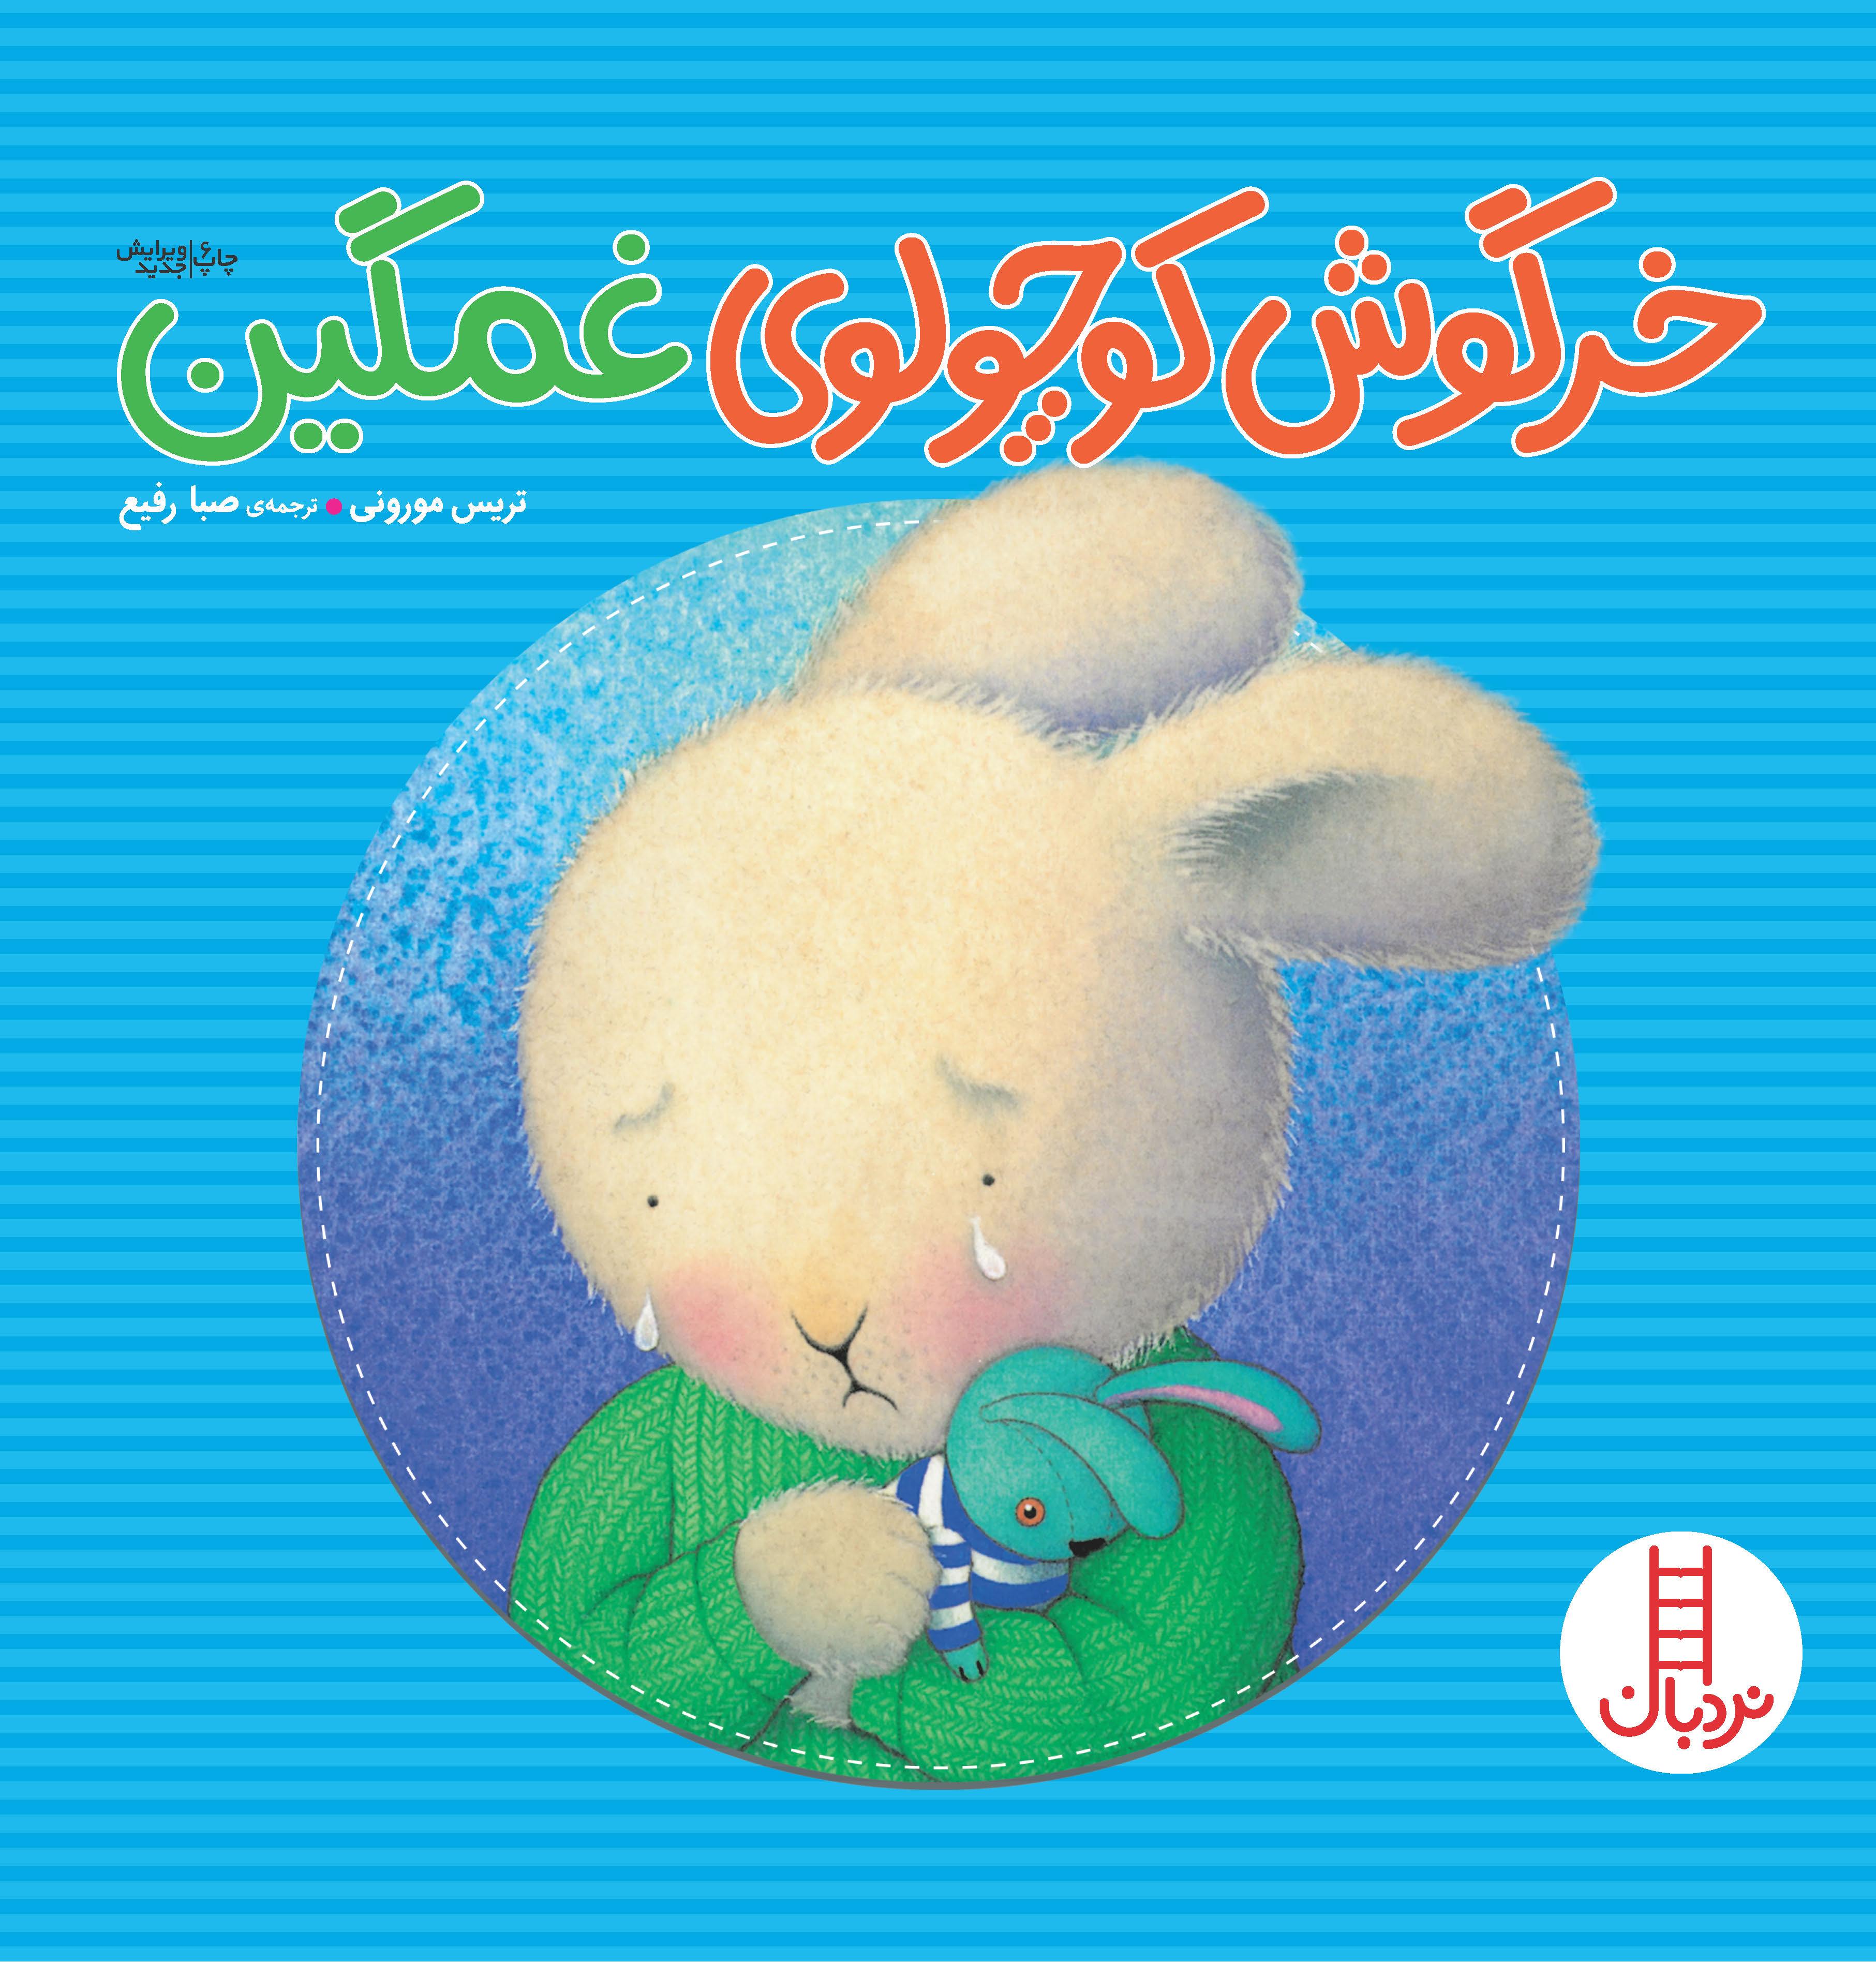 خرگوش كوچولوی غمگين